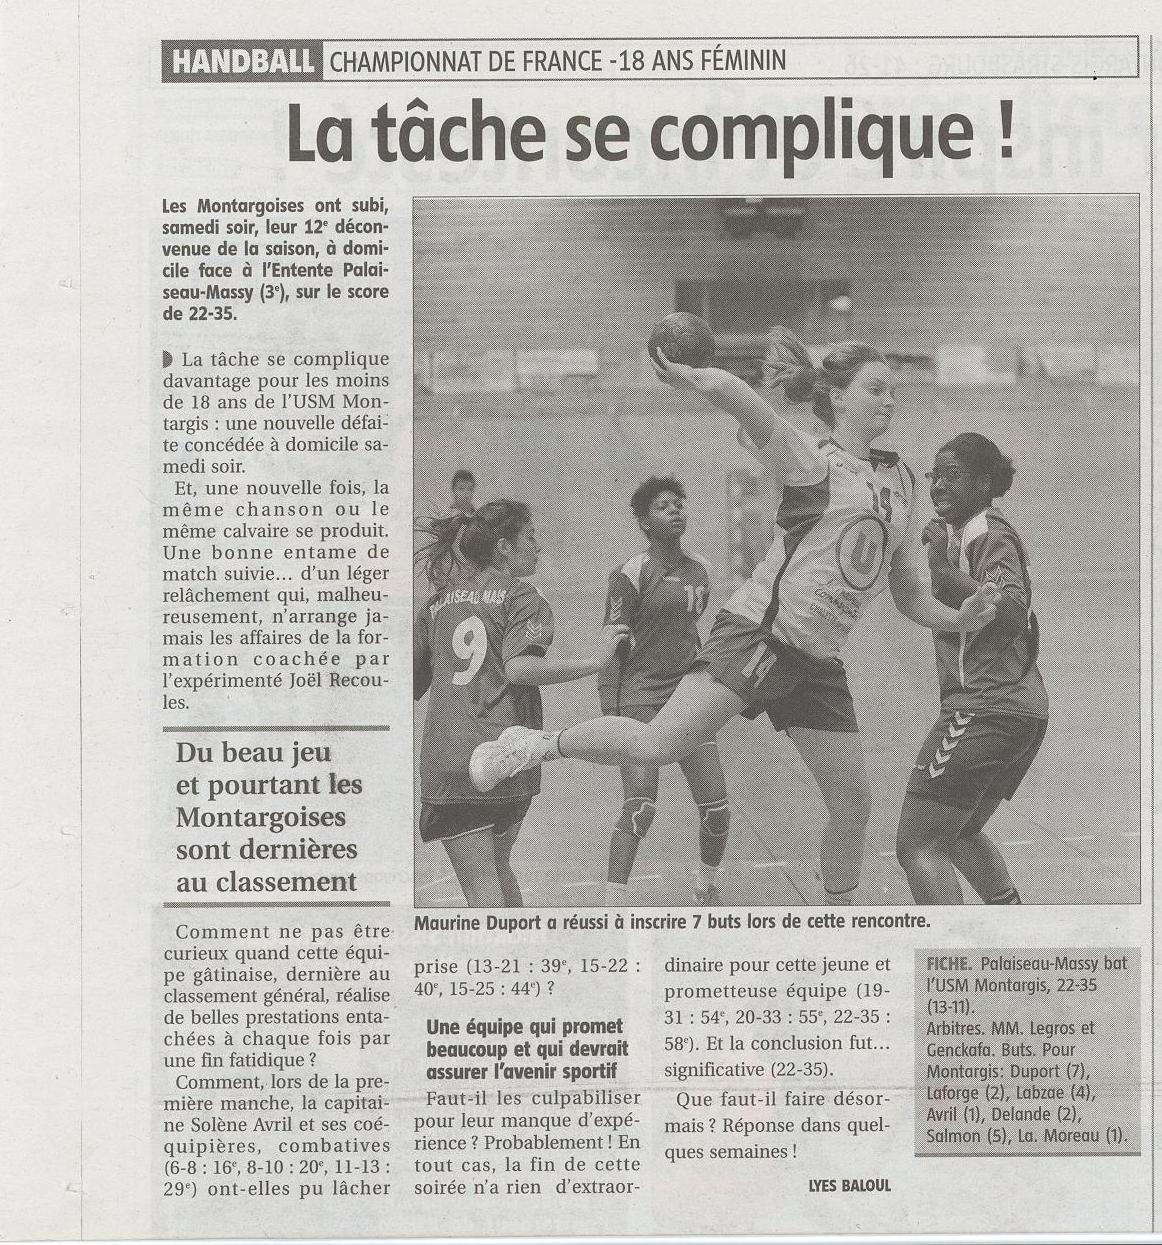 La tâche se complique pour les -18 - l'éclaireur - 24/01/2013